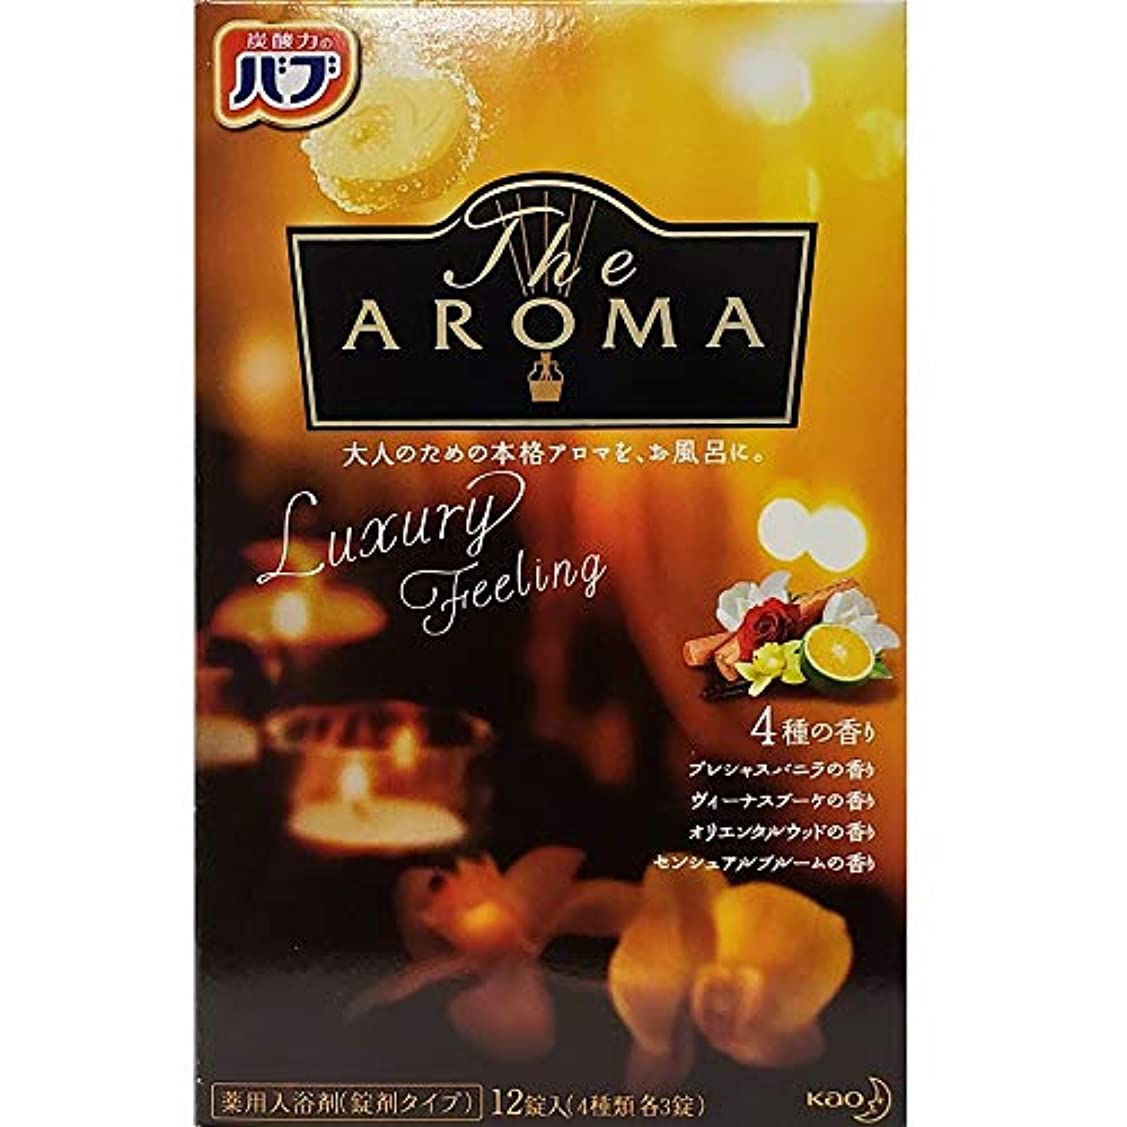 危機関係ないアニメーションバブ The Aroma Luxury Feeling 40g×12錠(4種類 各3錠) 医薬部外品